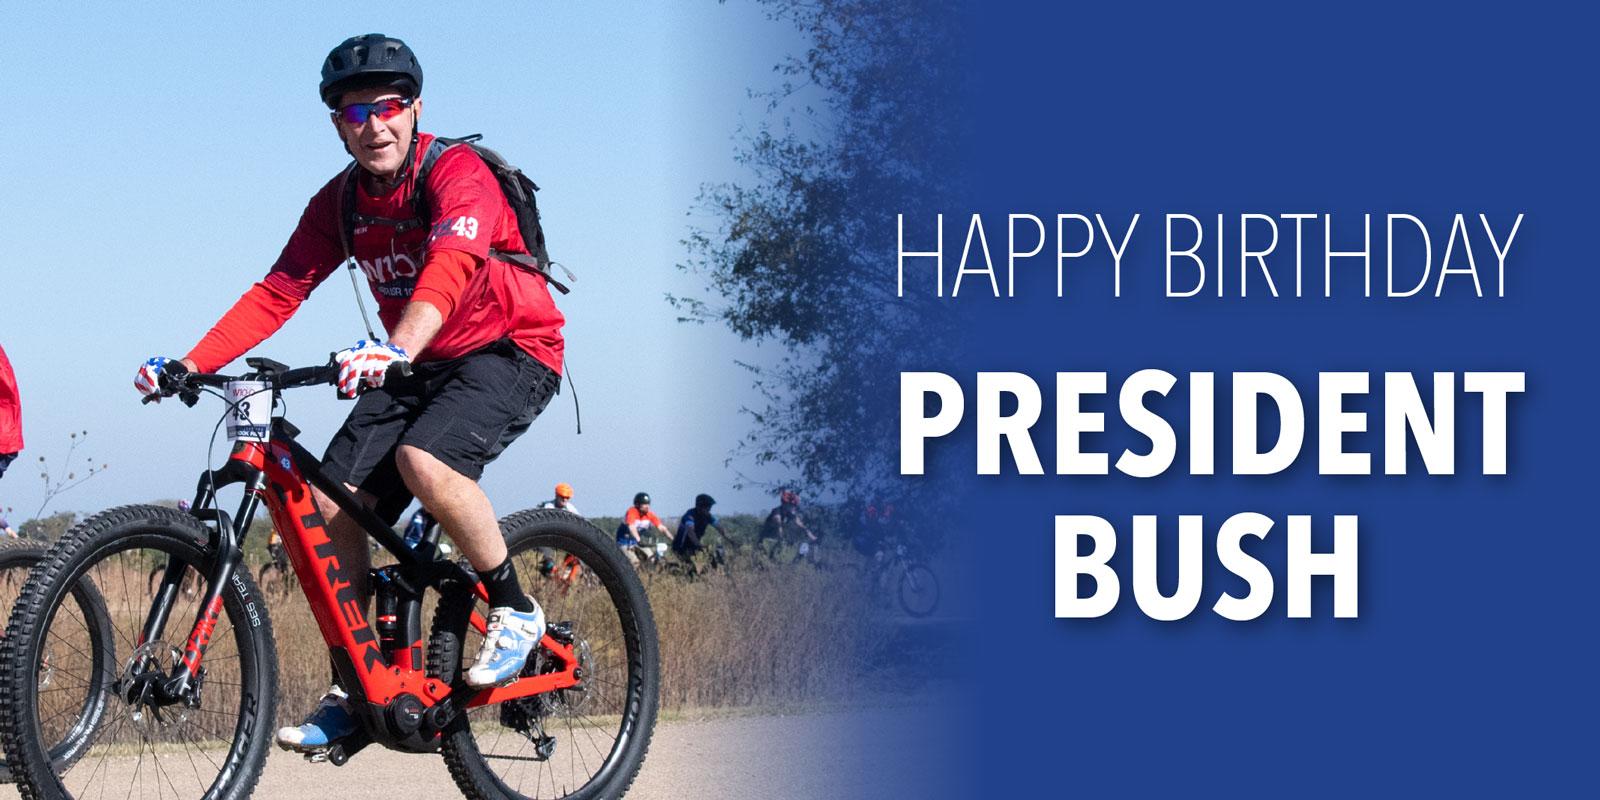 Happy birthday, President Bush!